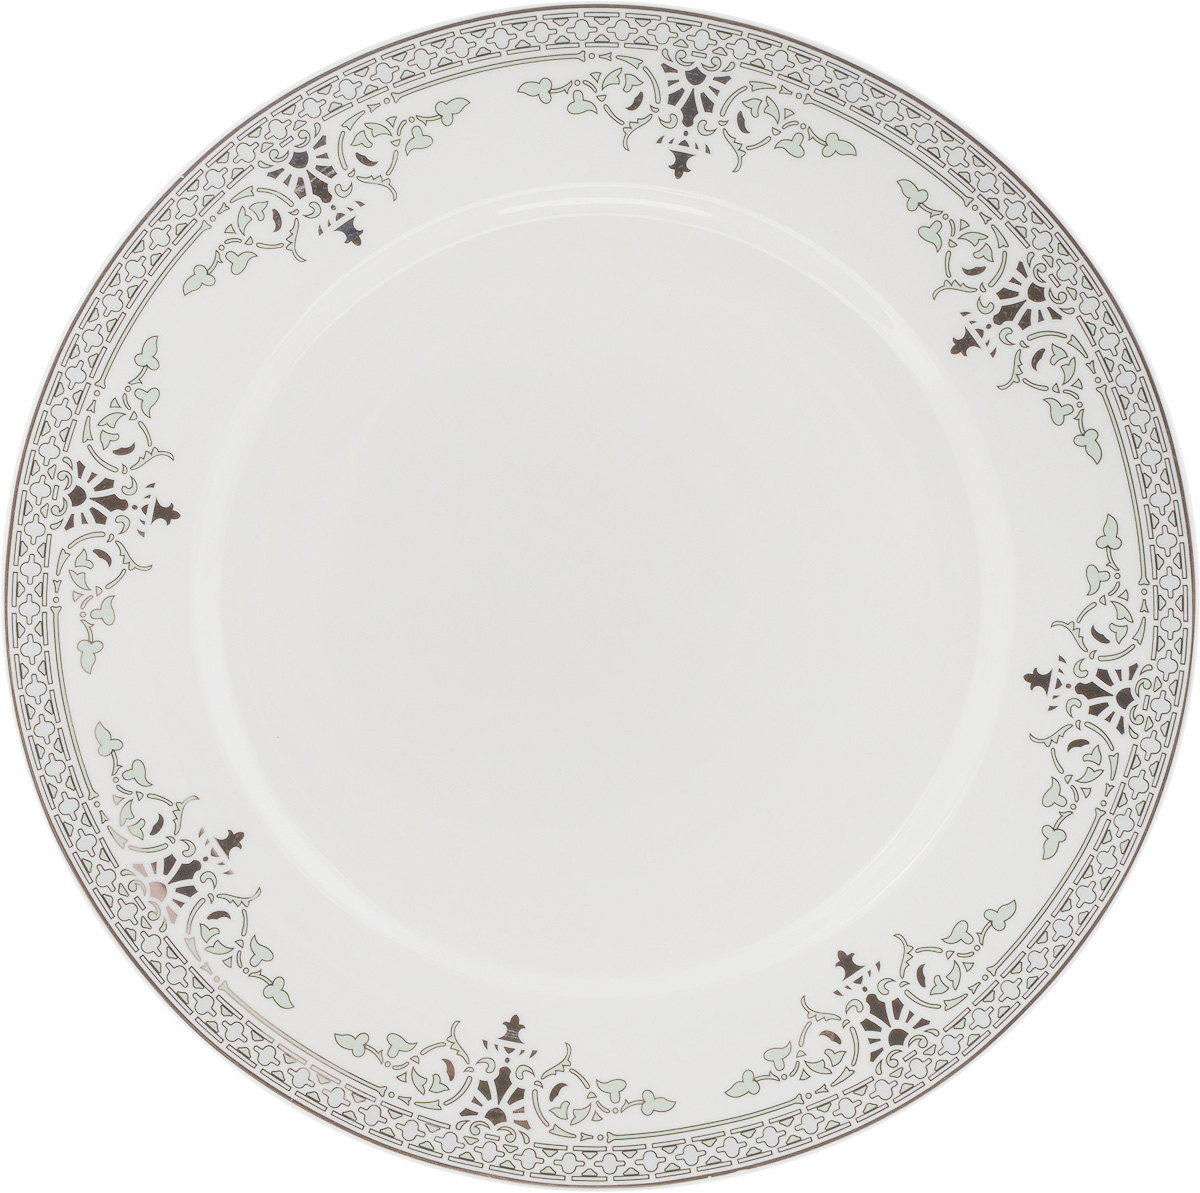 Тарелка подстановочная Венеция, диаметр 27 смFRTT/1021Тарелка Венеция изготовлена из глазурованного фарфора. Подстановочная тарелка - это особый вид тарелок. Обычно она выполняет исключительно декоративную функцию.Такая тарелка изысканно украсит сервировку как обеденного, так и праздничного стола. Диаметр тарелки: 27 см.